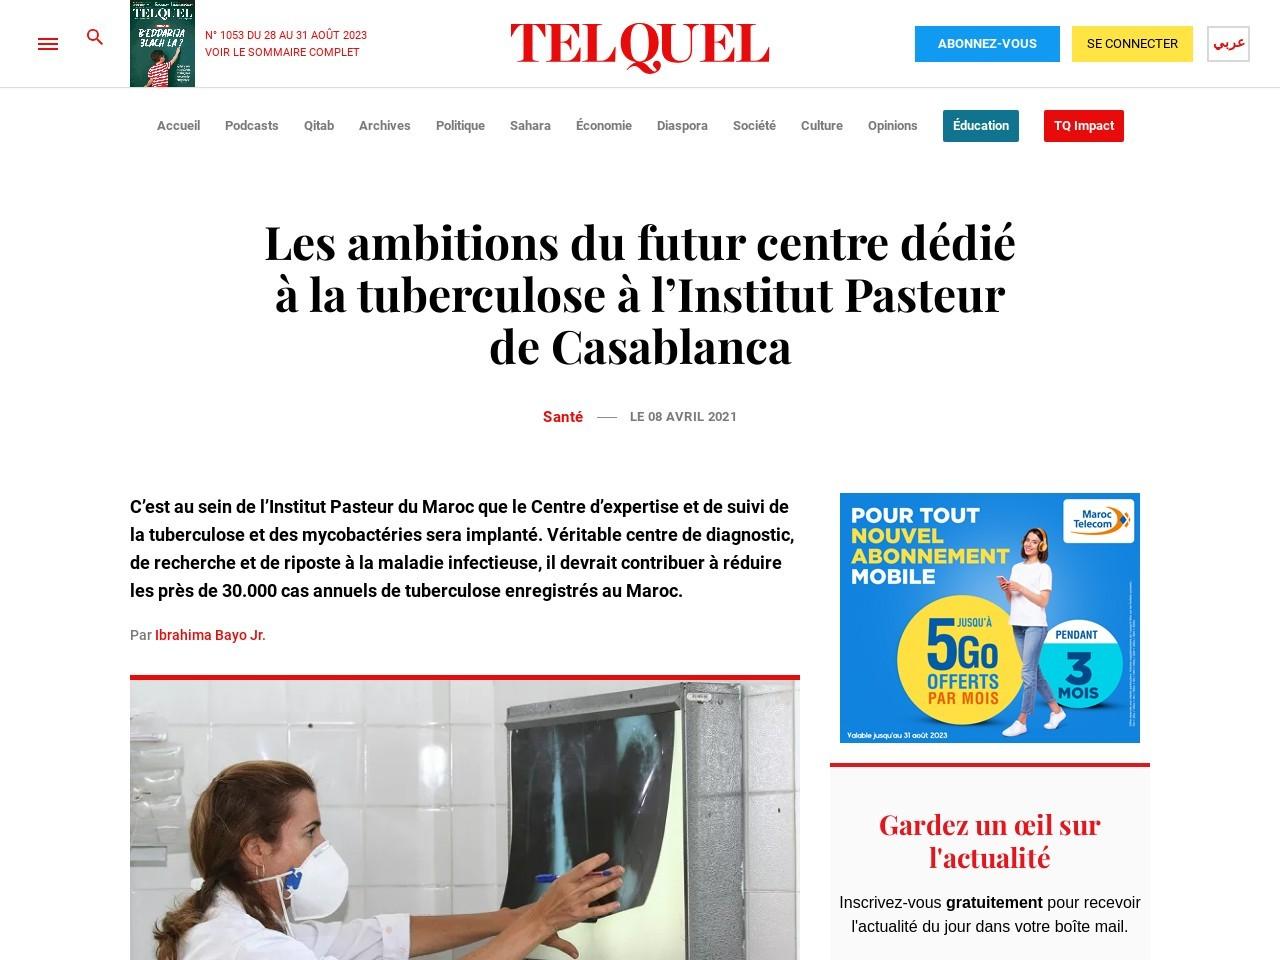 Les ambitions du futur centre dédié à la tuberculose à l'Institut Pasteur de Casablanca